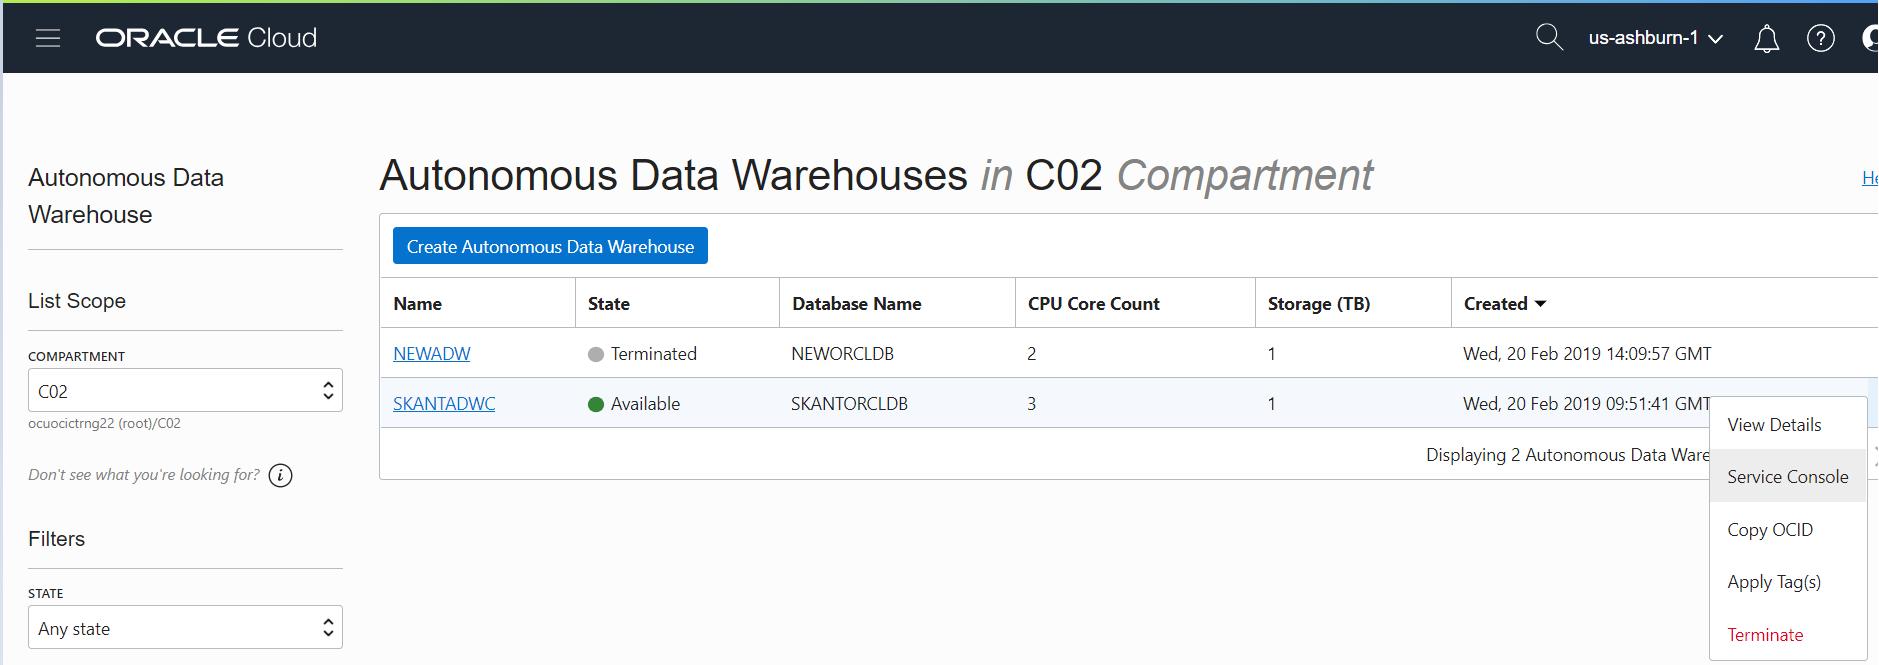 Pl Sql Developer Import Dump File How to import dmp file